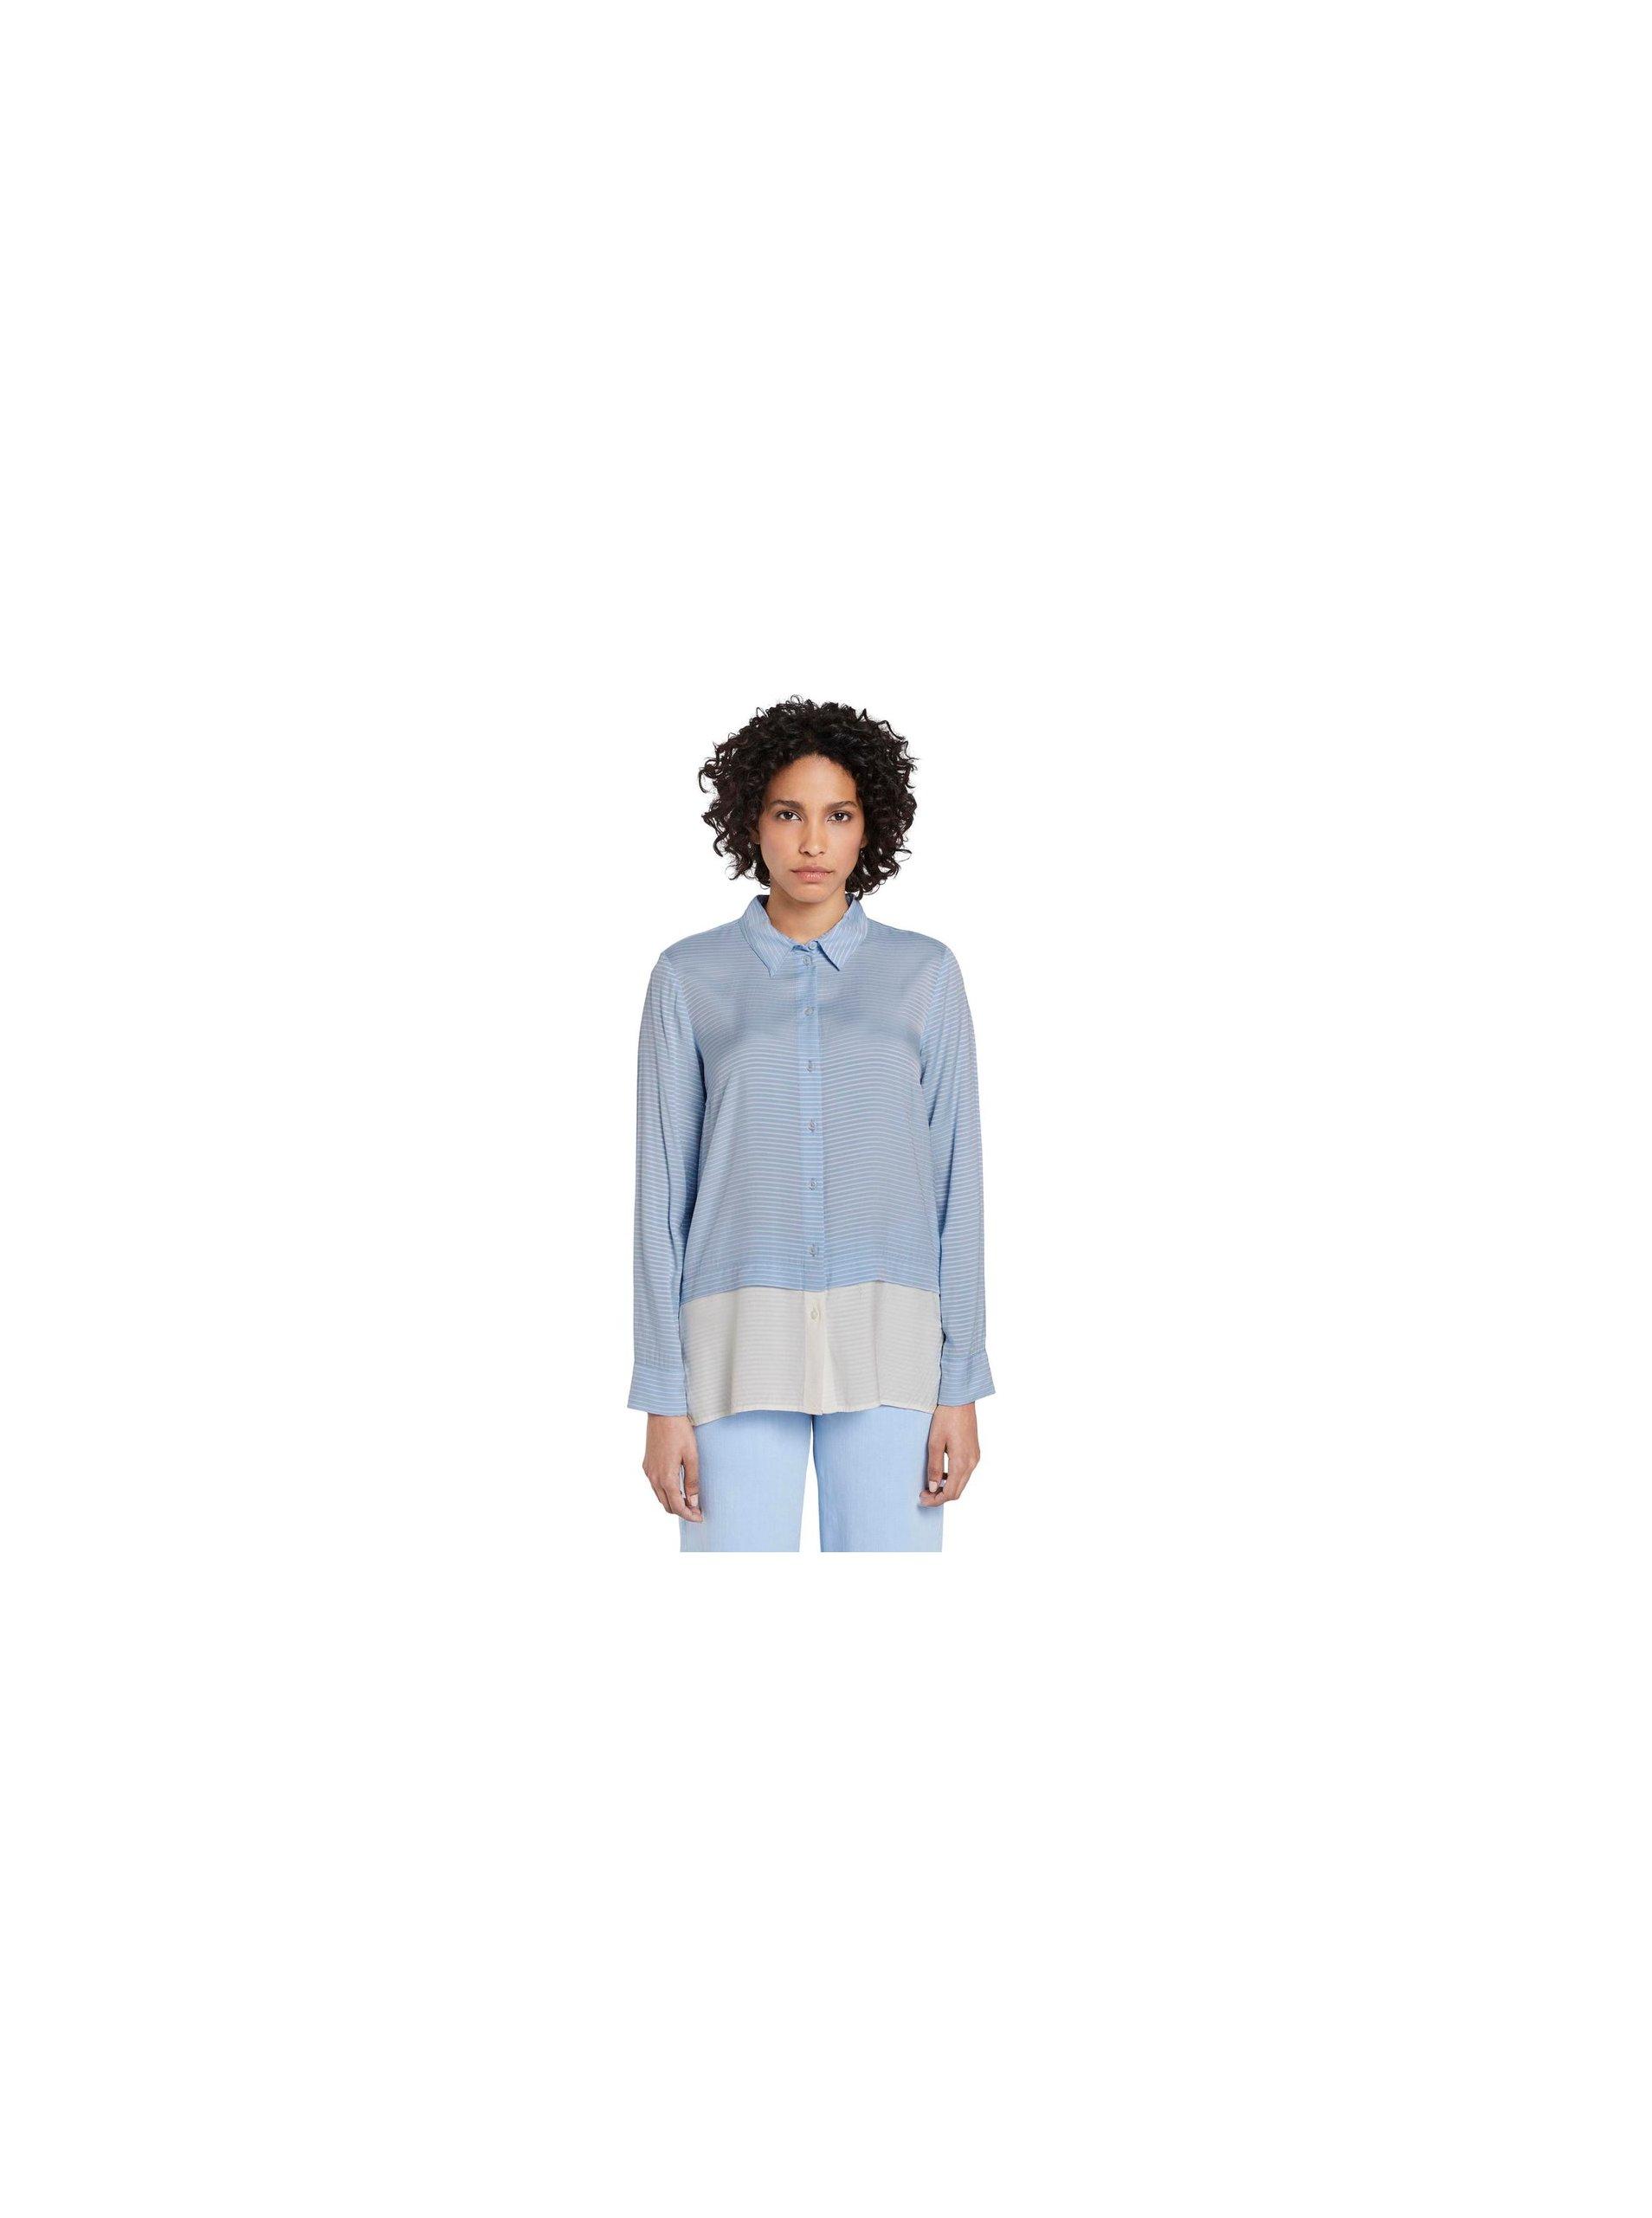 Modrá dámska pruhovaná voľná košeľa Tom Tailor.